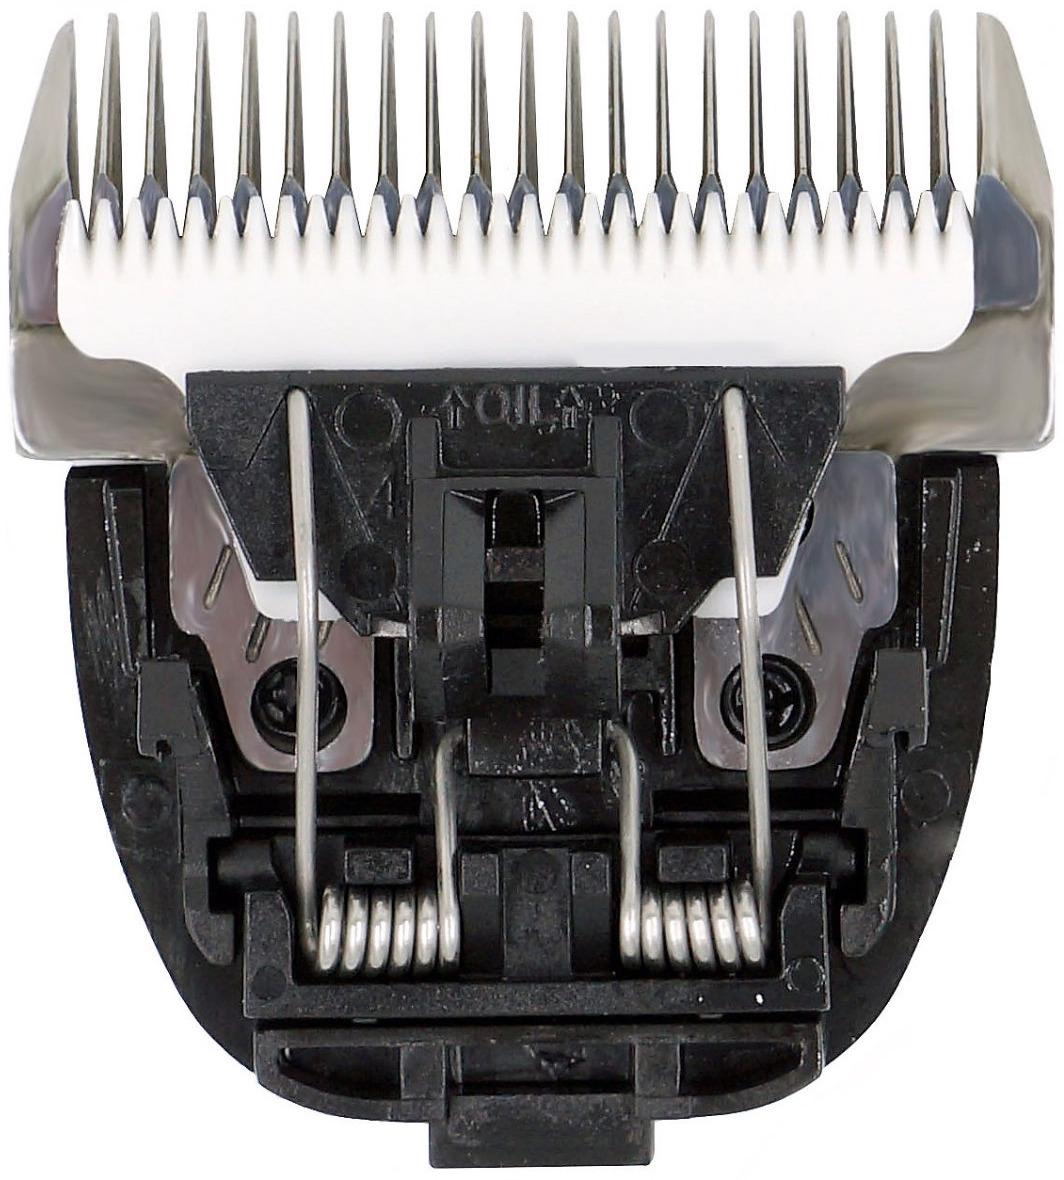 Насадка для стрижки животных Codos нож 9мм CP-9200/9180/9500/9580/9600/9180/9700, черный сменный нож для машинки codos cp 9580 cp 9600 ср 9200 cp 9180 cp 9700 325015